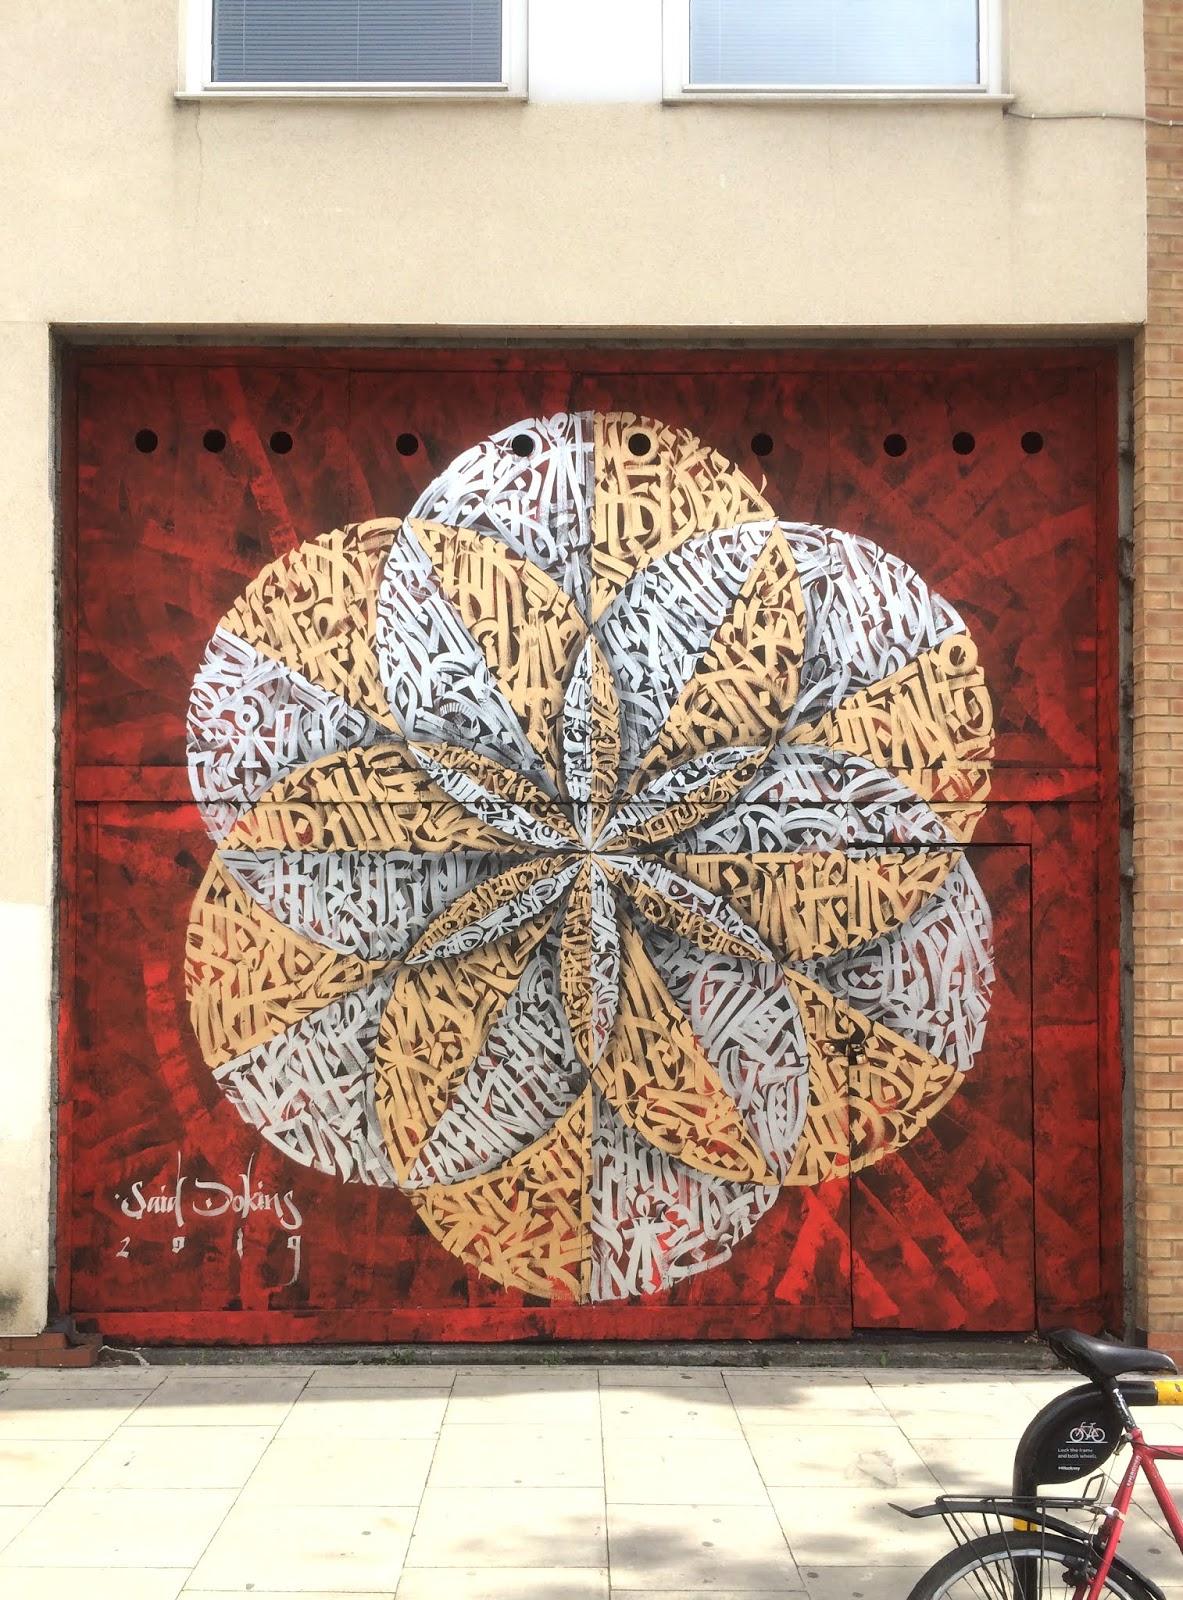 La caligrafía completa de Said Dokins en su nuevo mural de Londres. Street Art